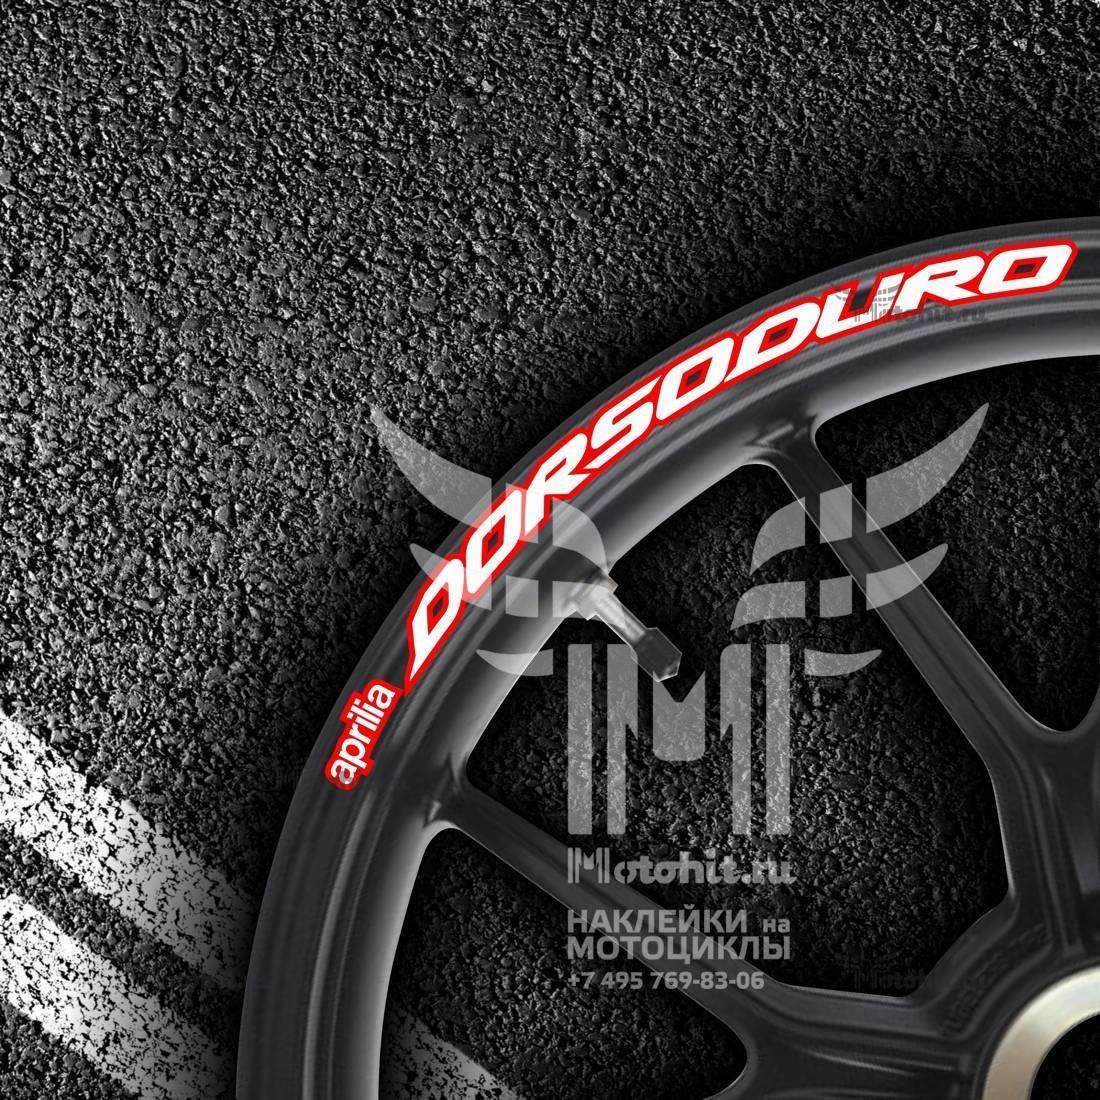 Комплект наклеек на обод колеса мотоцикла APRILIA DORSODURO